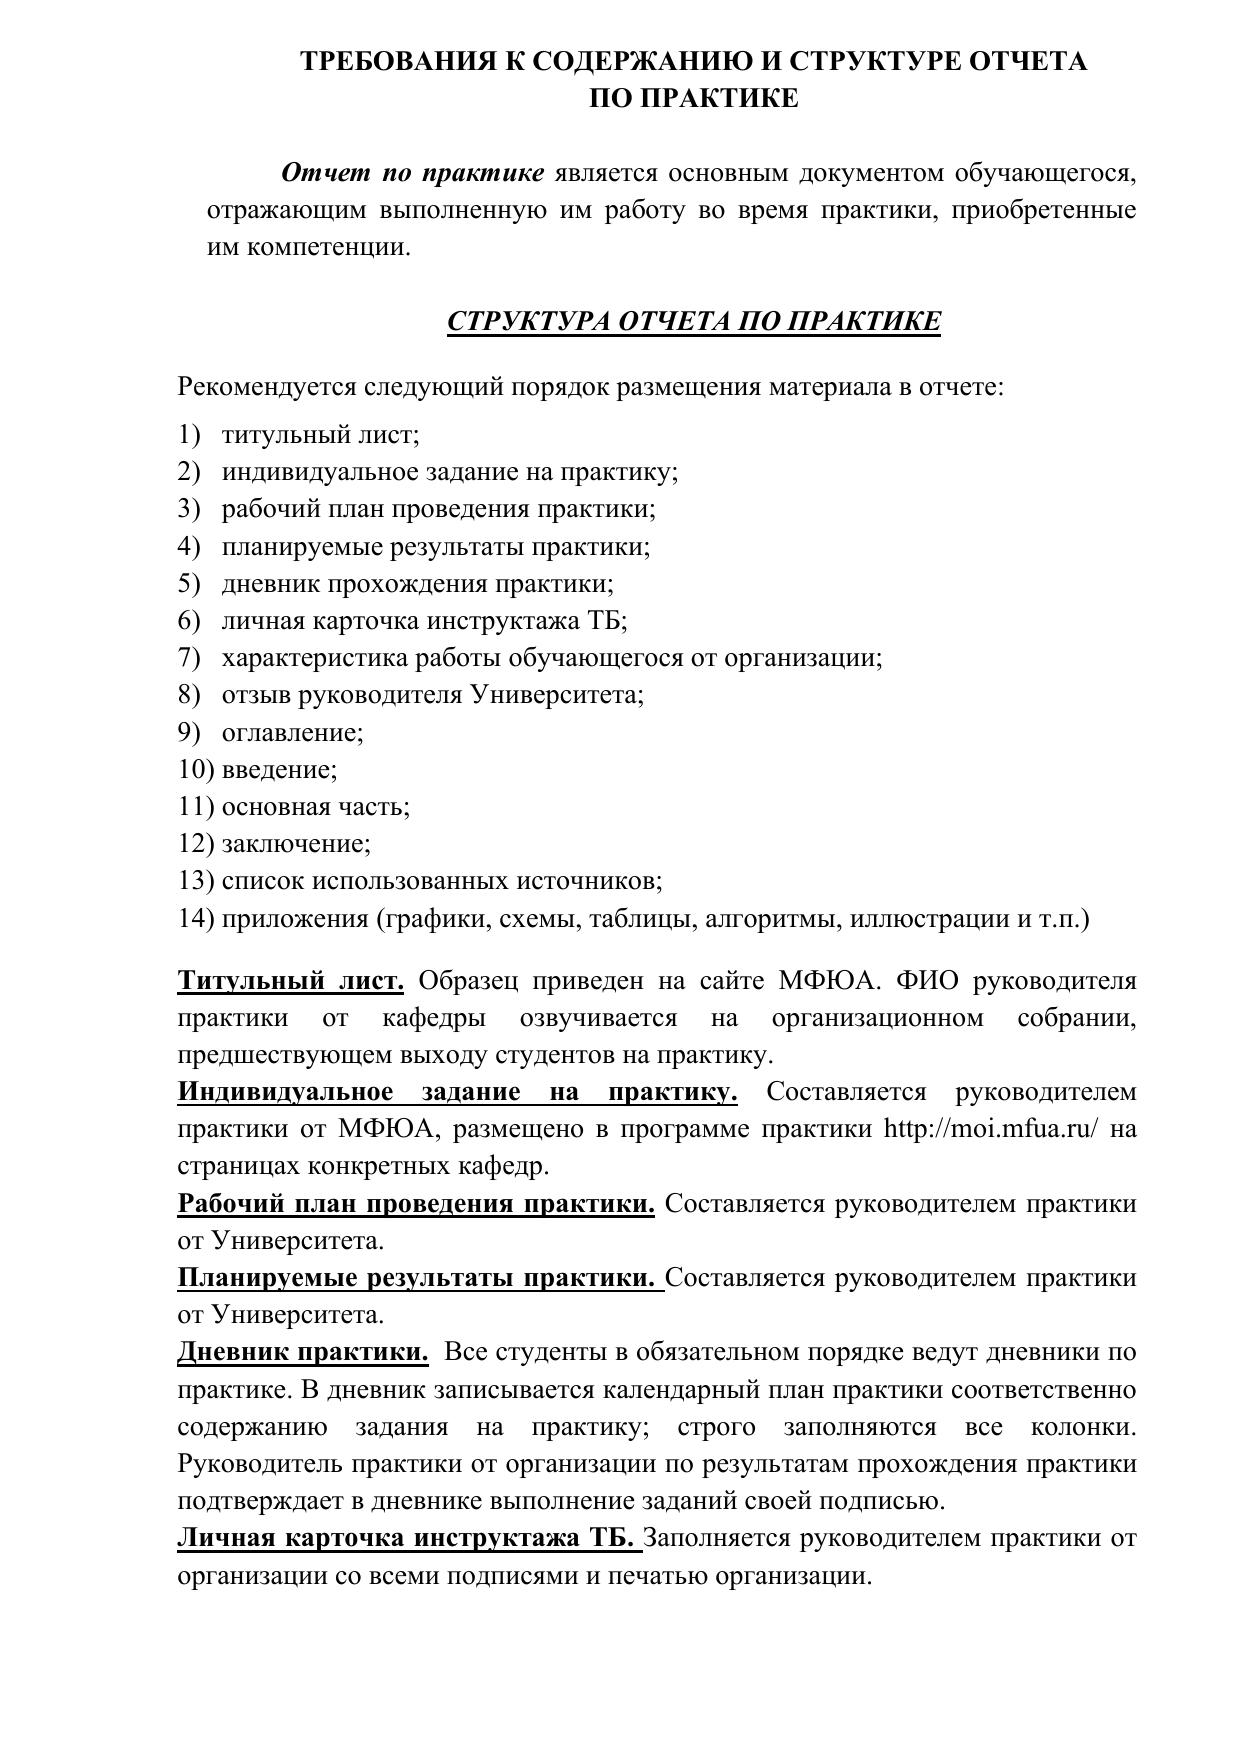 Требования для отчета по практике 3393